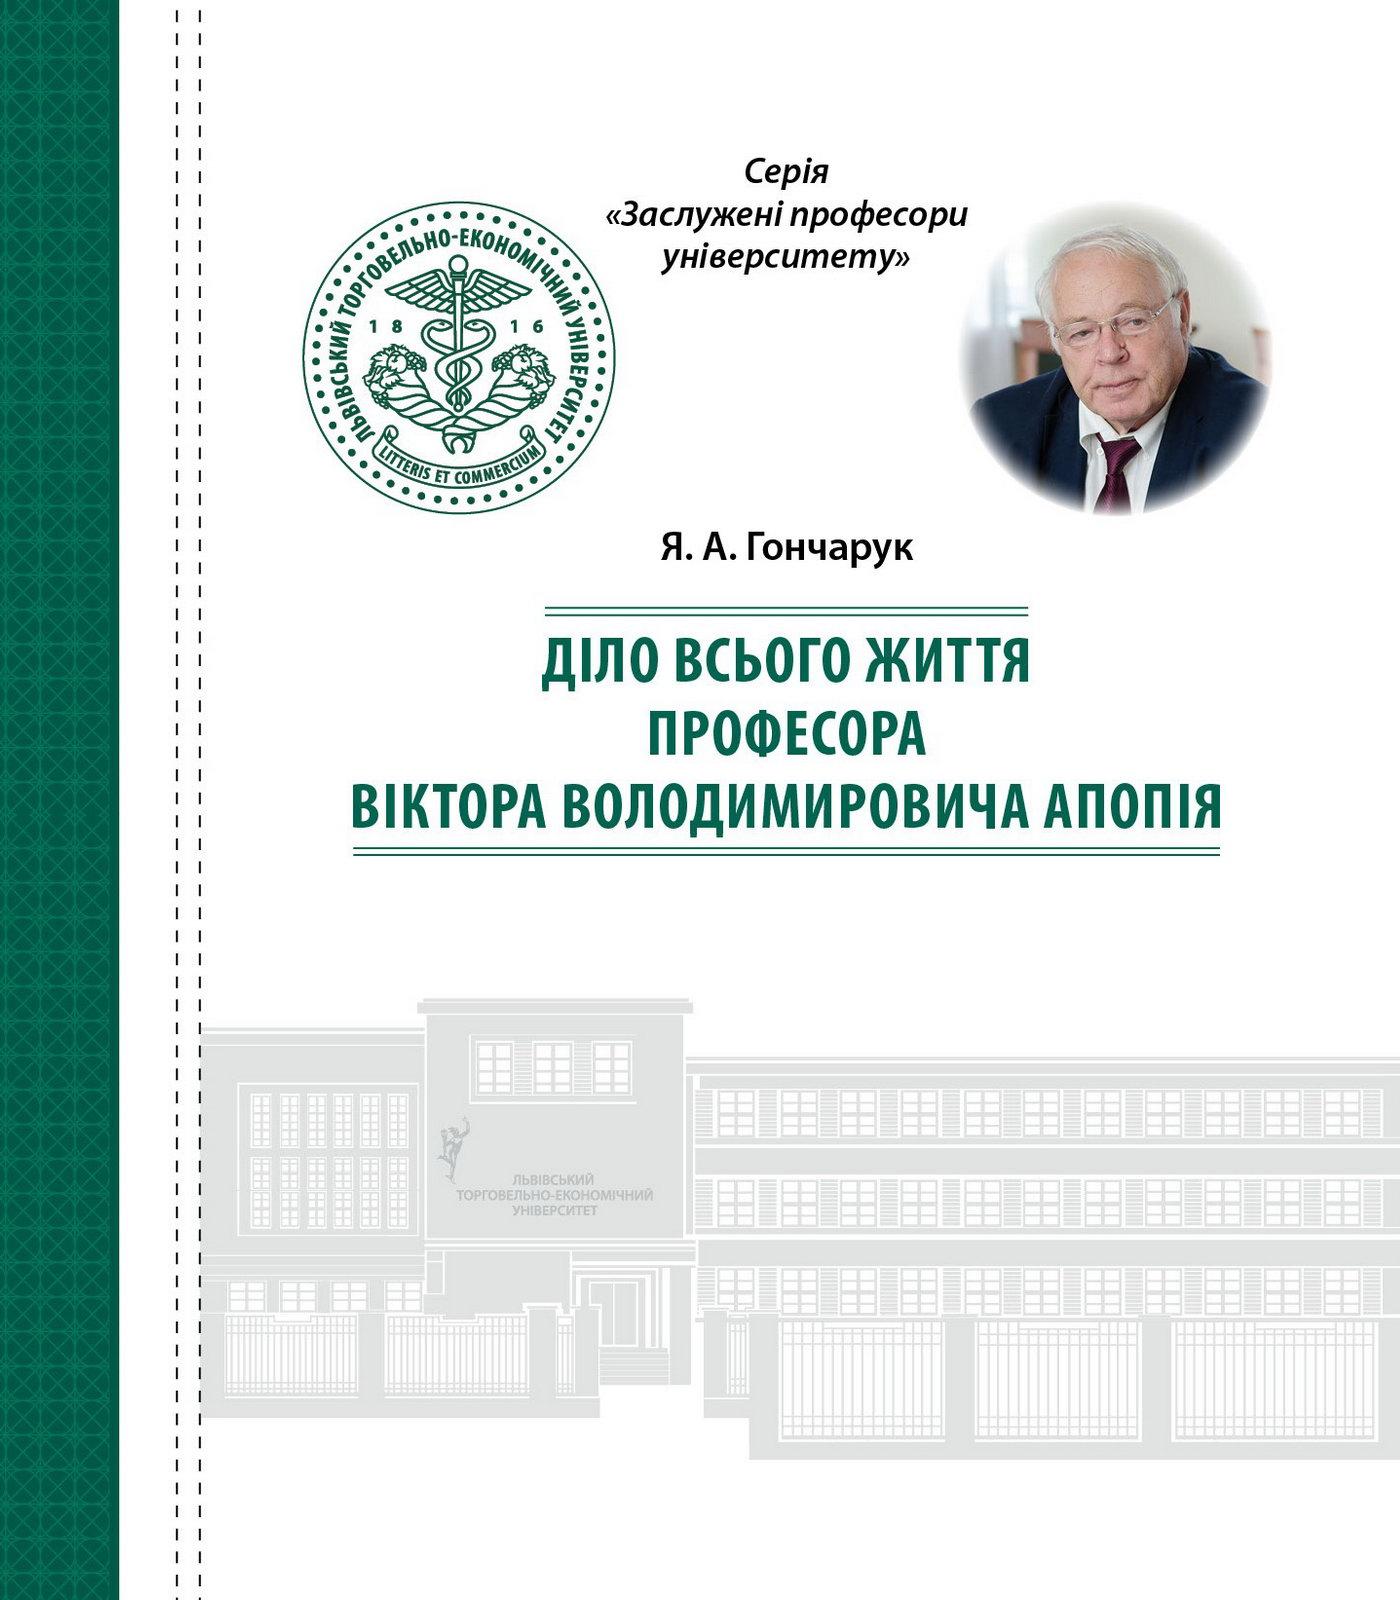 Діло всього життя професора Віктора Володимировича Апопія